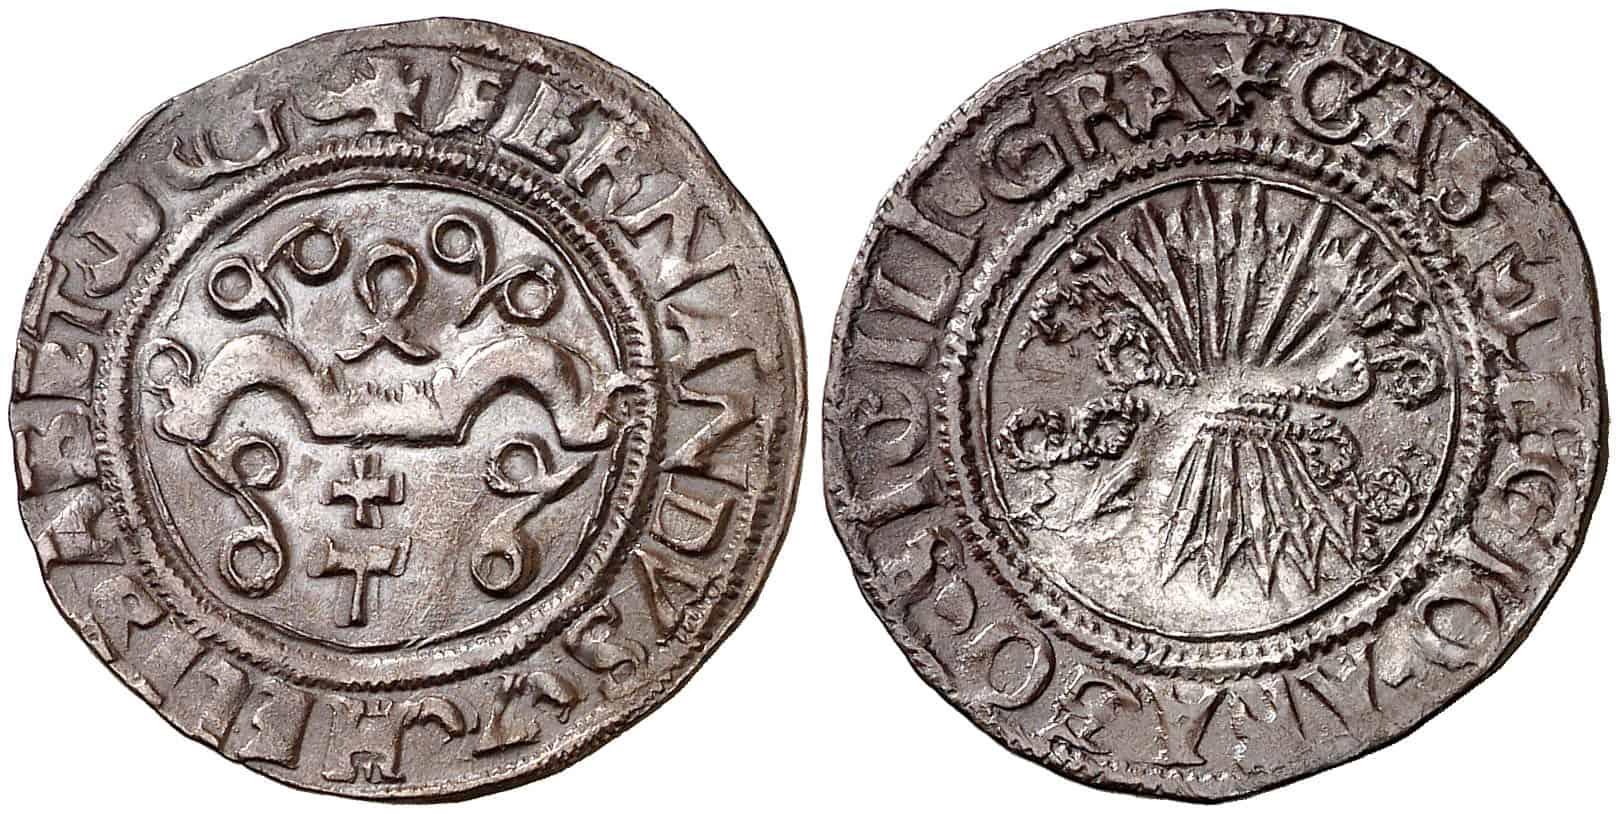 La Política Monetaria en los Capítulos Comuneros del año 1520